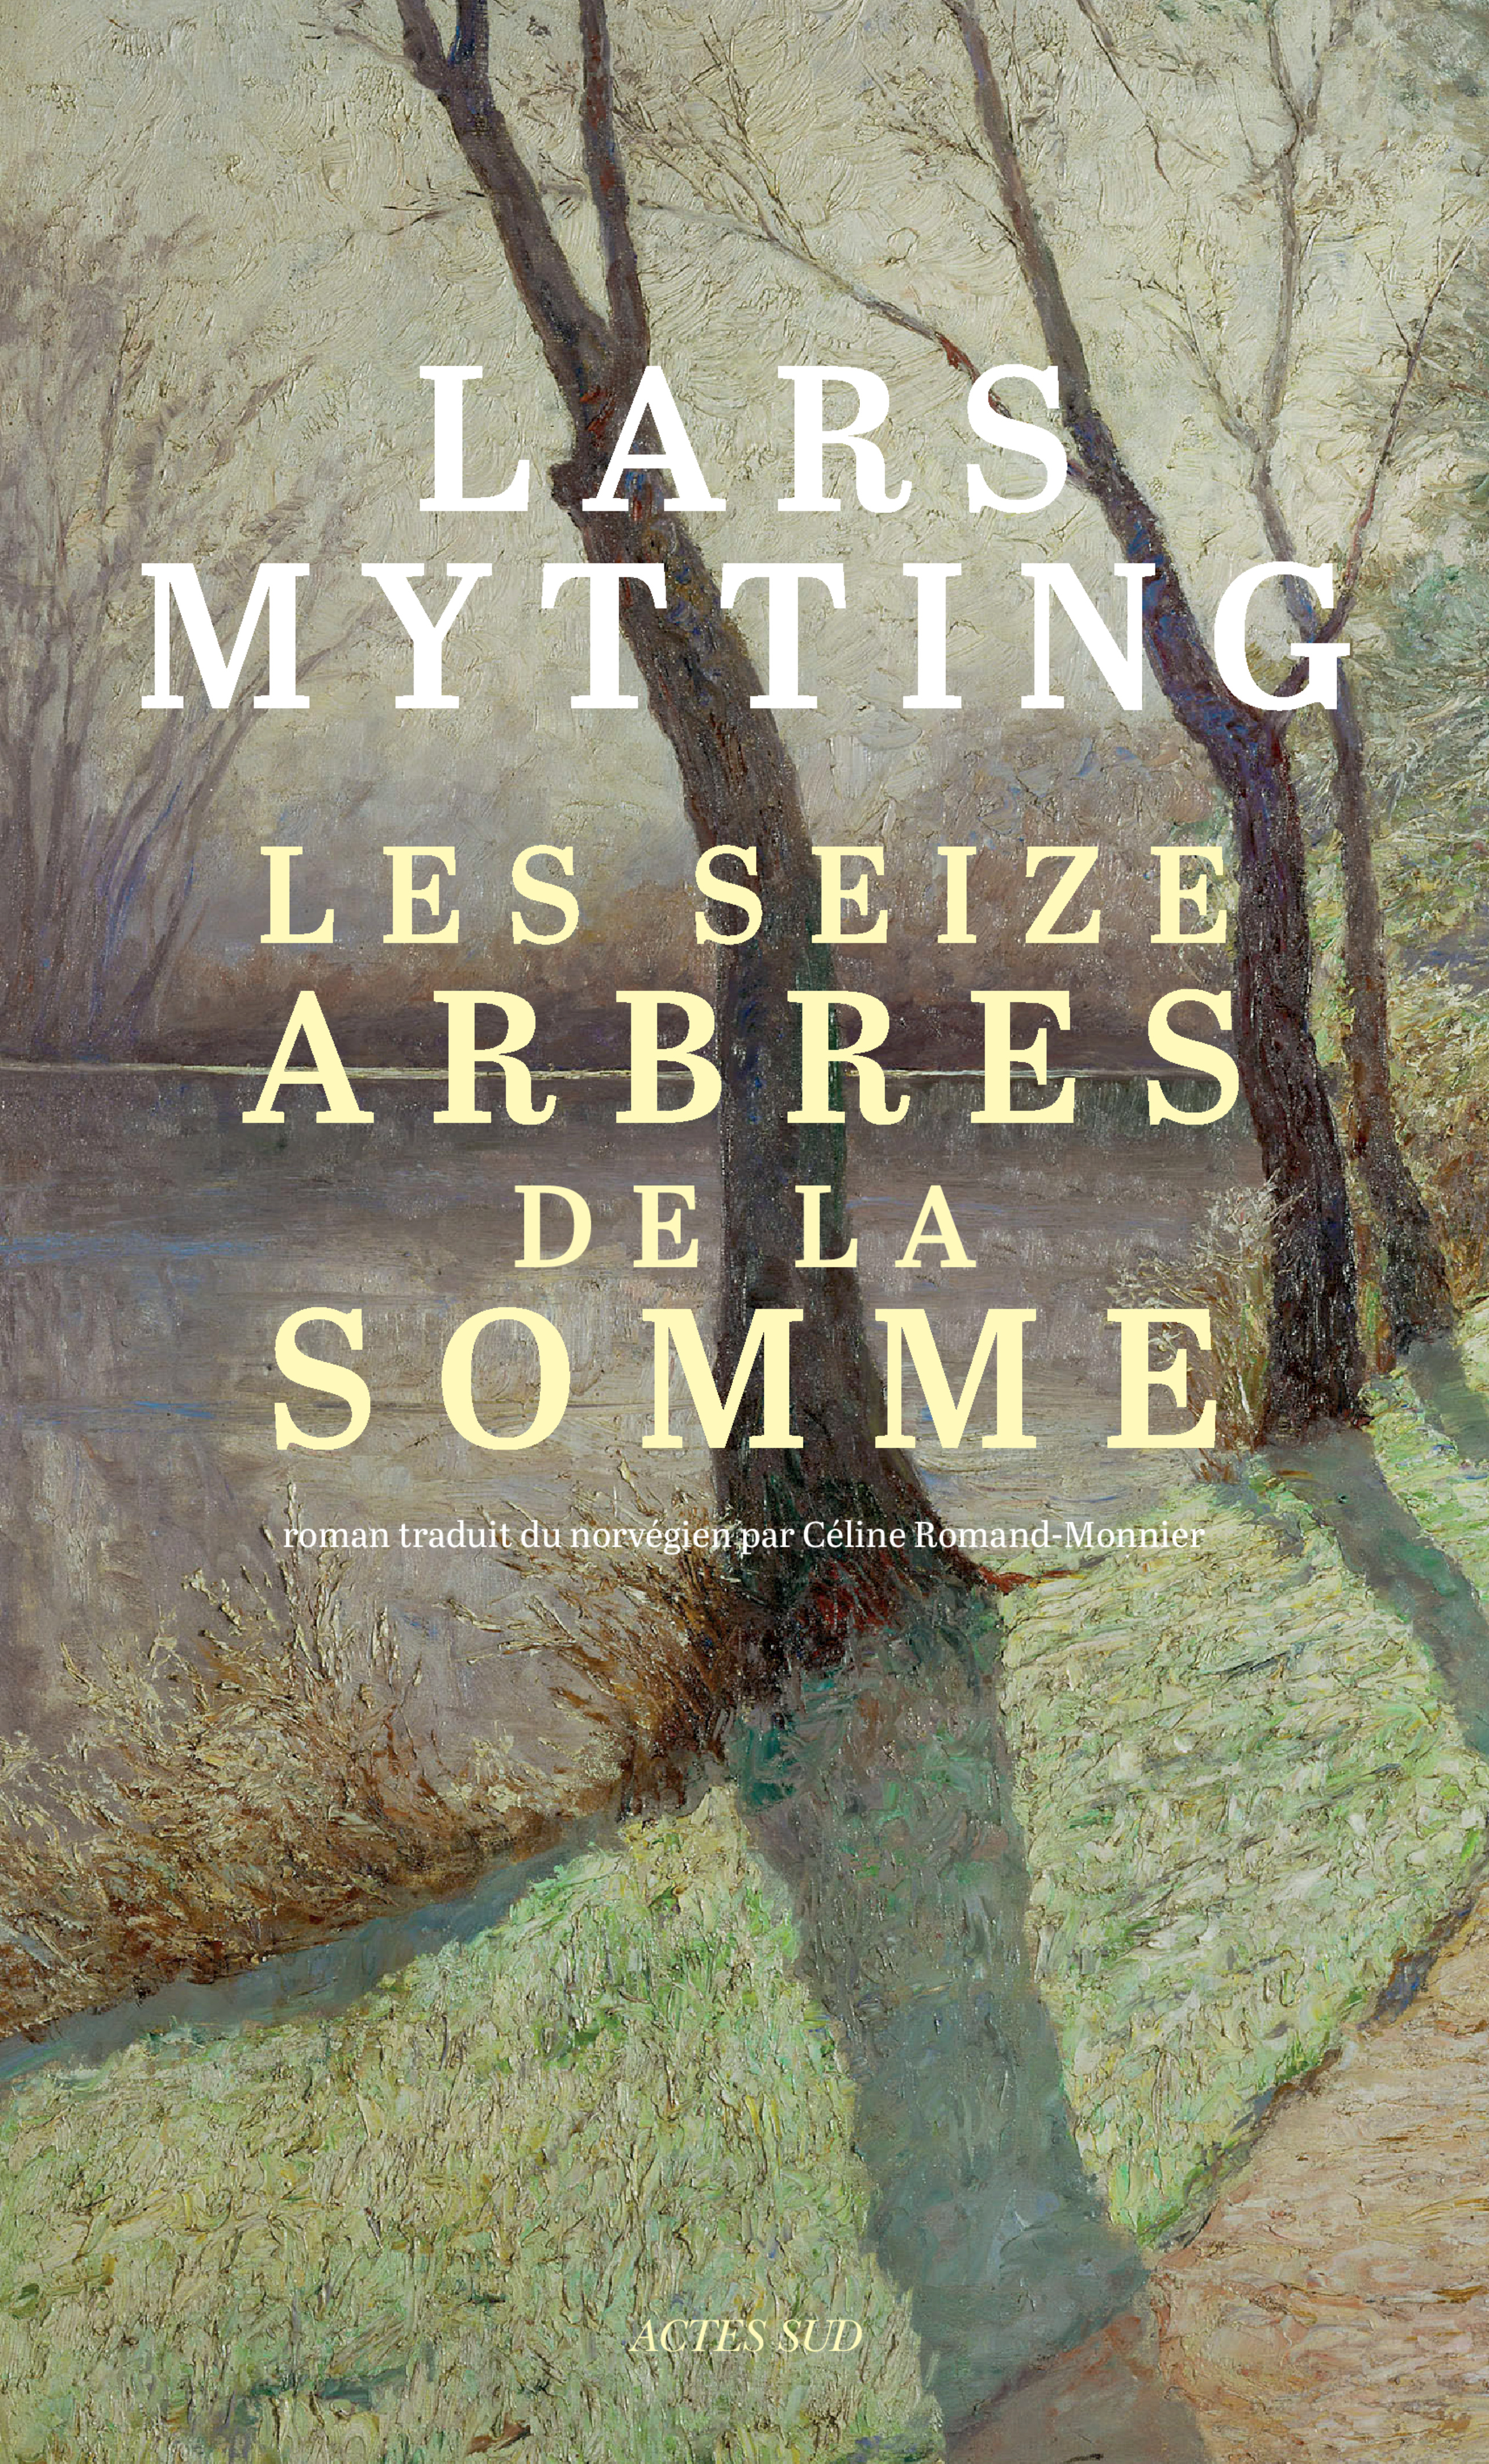 Les seize arbres de la Somme | Mytting, Lars